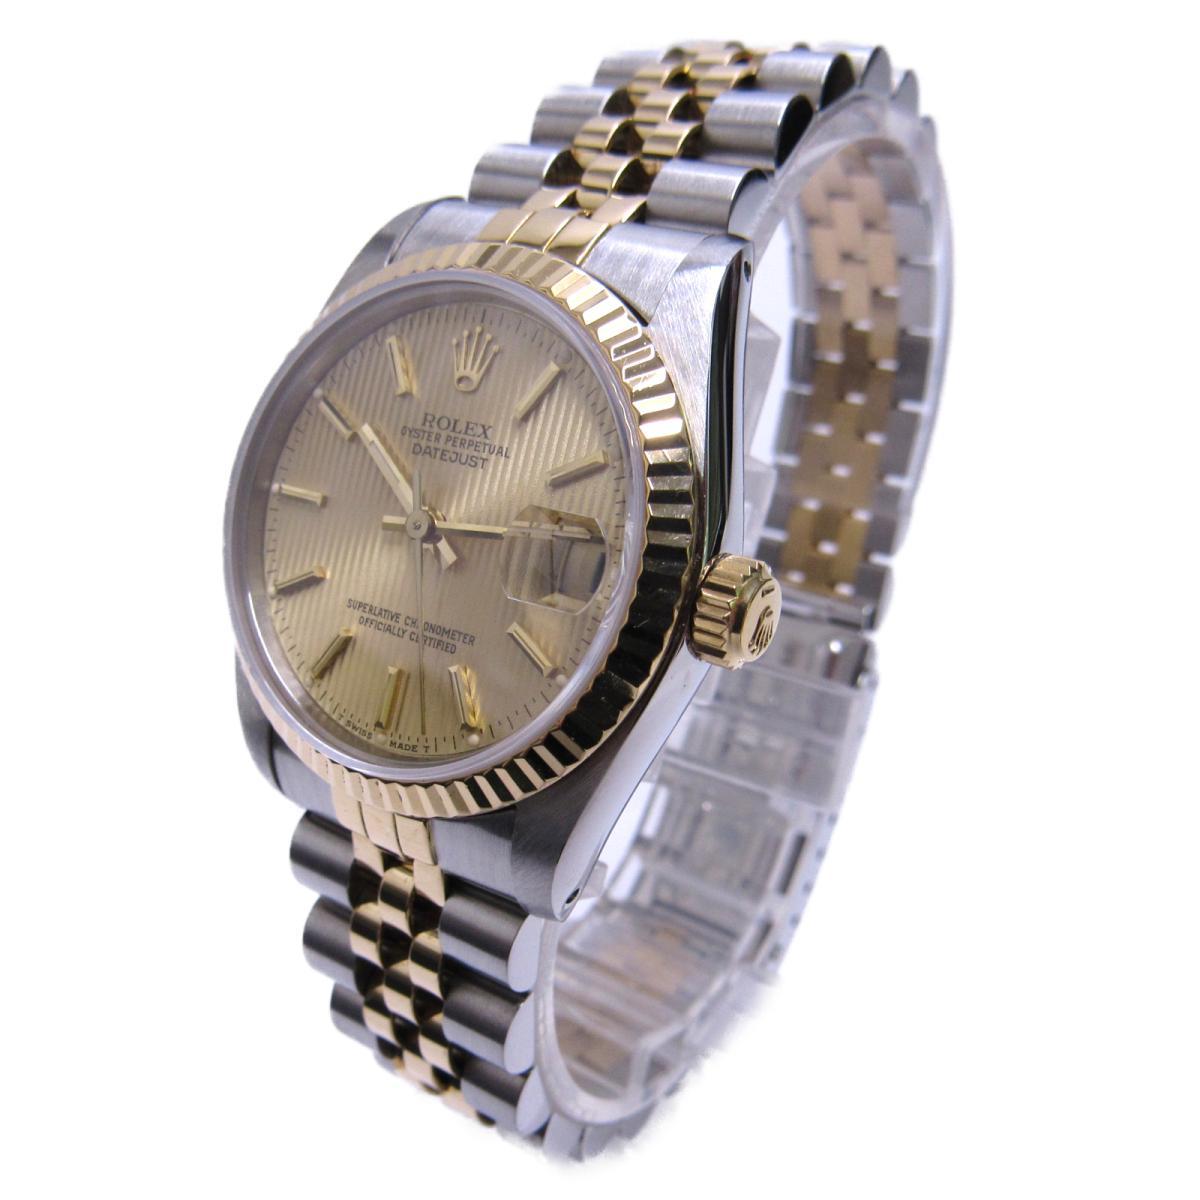 ROLEX 時計 68273 デイトジャスト/ボーイズ/時計/SALE/お買得品